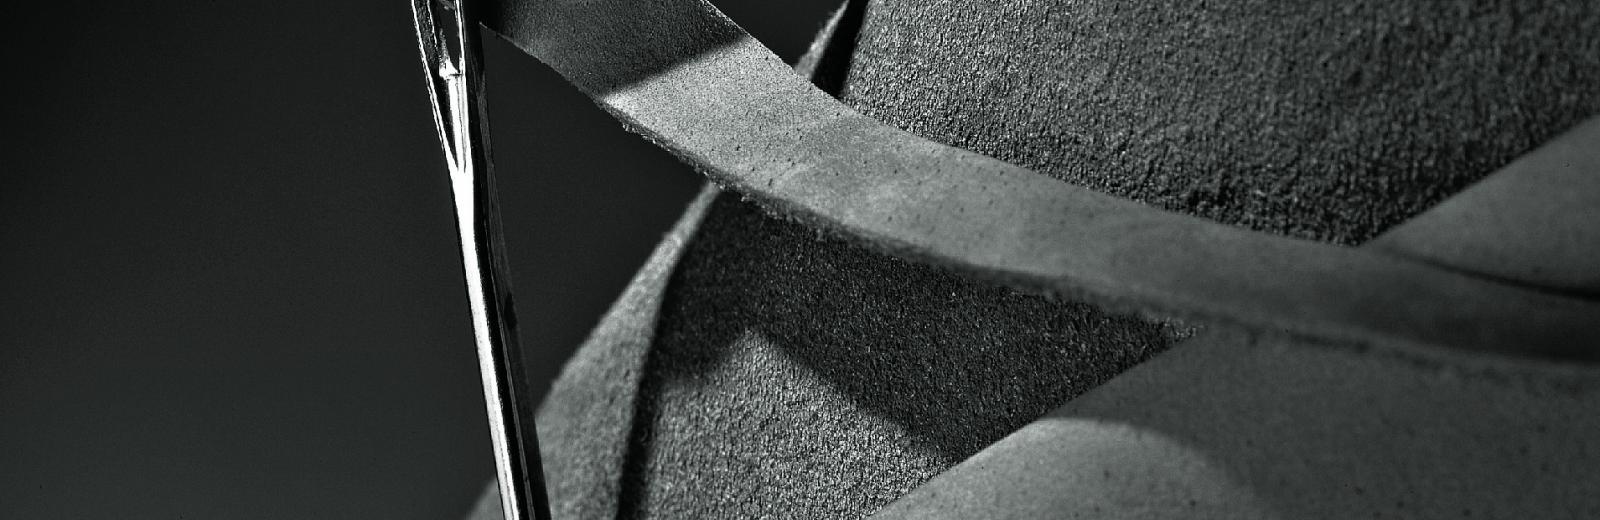 La qualité des matériaux